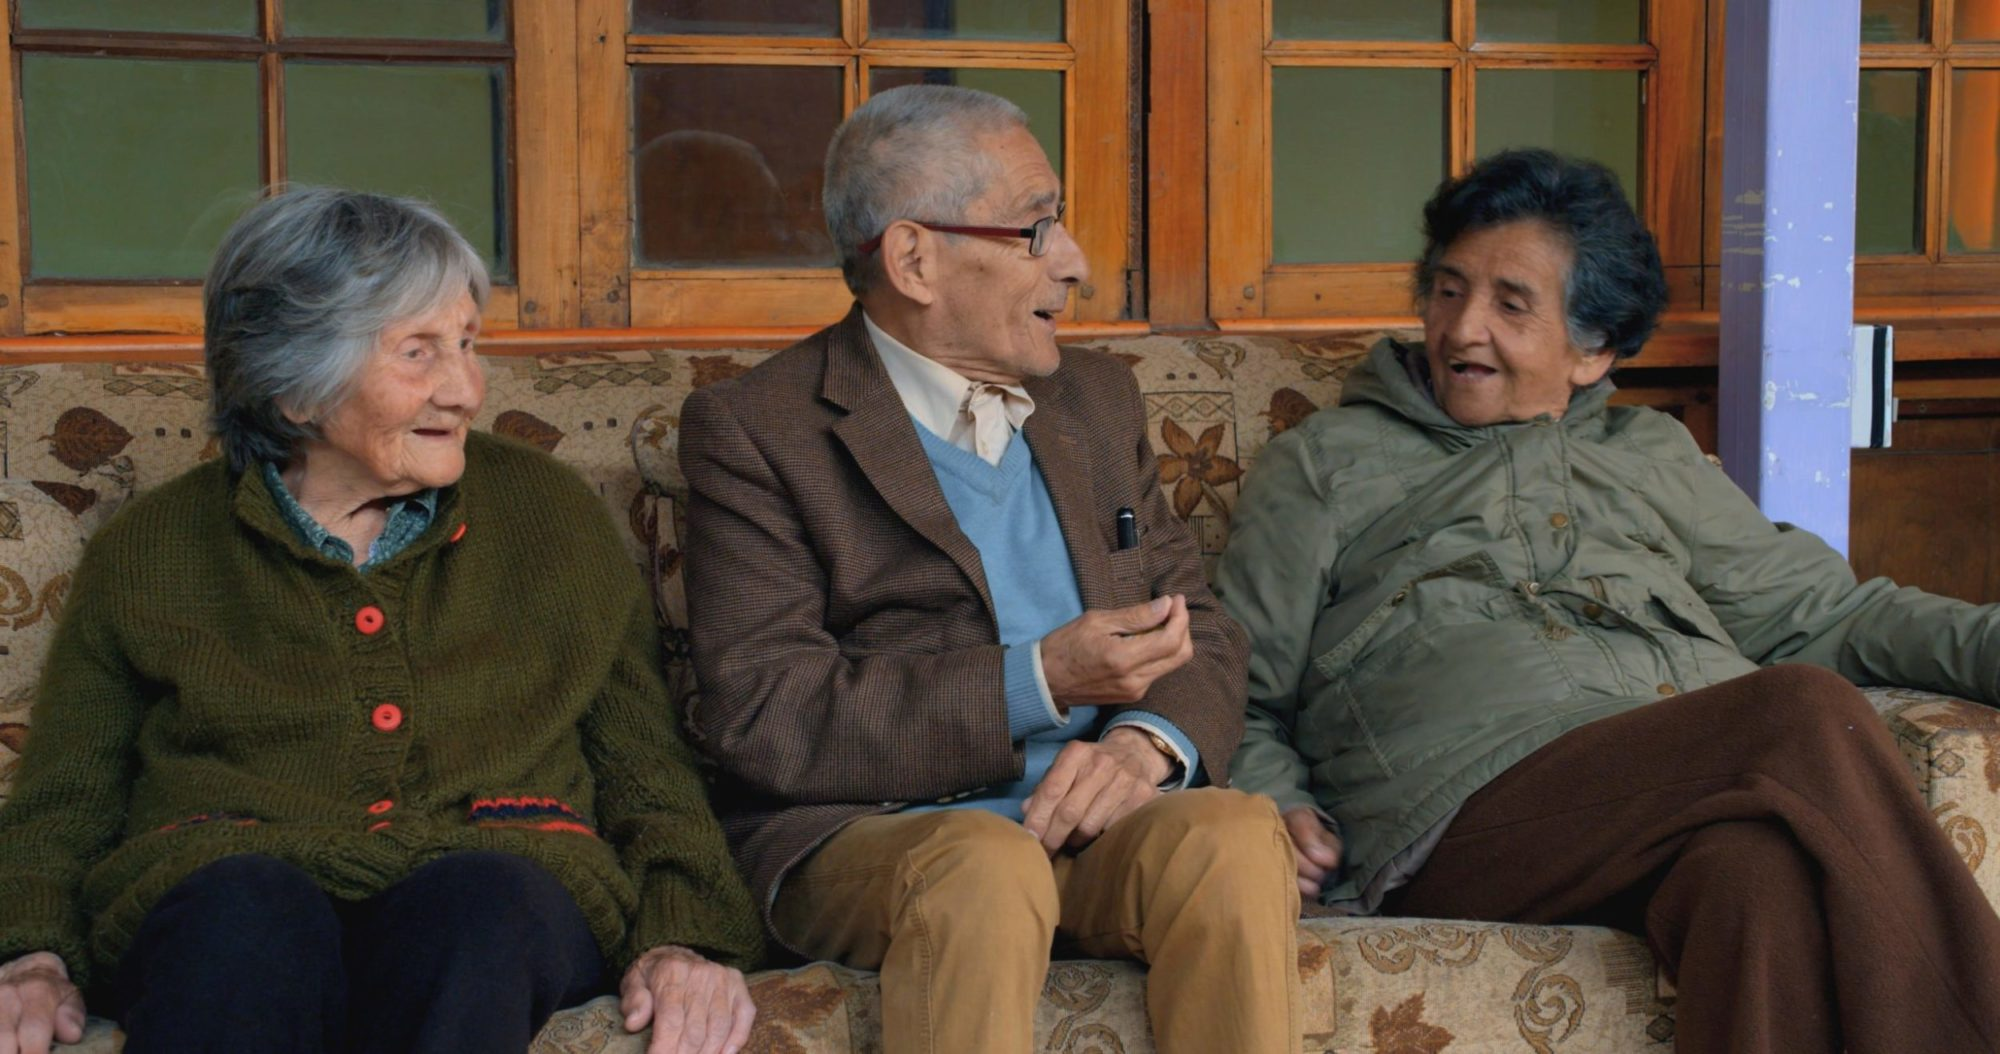 A foto mostra três pessoas idosas sentadas em um sofá bege estampado, sendo duas mulheres com um homem sentado ao centro. A senhora da esquerda tem cabelos grisalhos e veste uma blusa de botão verde-musgo, O senhor de cabelo curto e branco veste um terno marrom sobre um pulôver azul claro. Ele faz um gesto mostrando para a mulher da direita, que veste uma jaqueta abotoada cinza e tem cabelos grisalhos escuros. Os três sorriem. Atrás são vistas janelas de vidro que dão para um ambiente interno, indicando que se encontram em um ambiente externo.